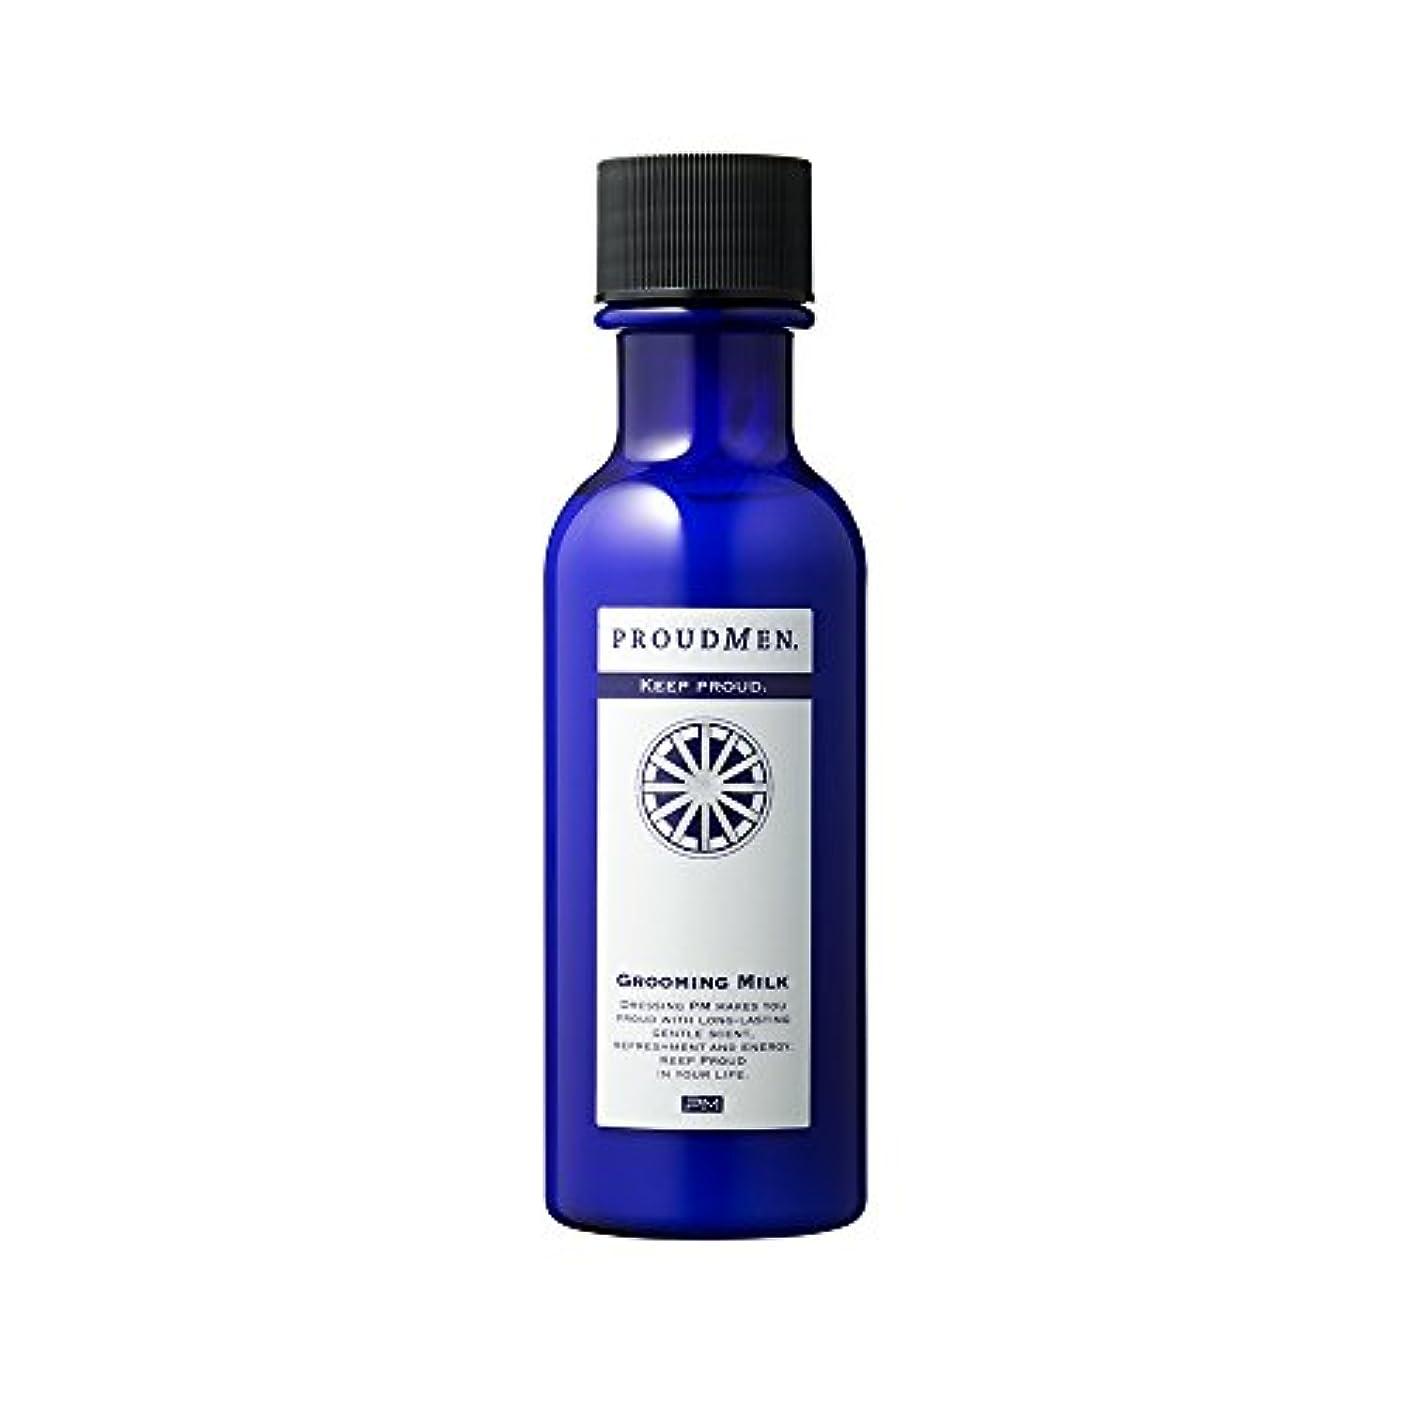 防水干ばつ辛いプラウドメン グルーミングミルク 100ml 化粧水 メンズ アフターシェーブ